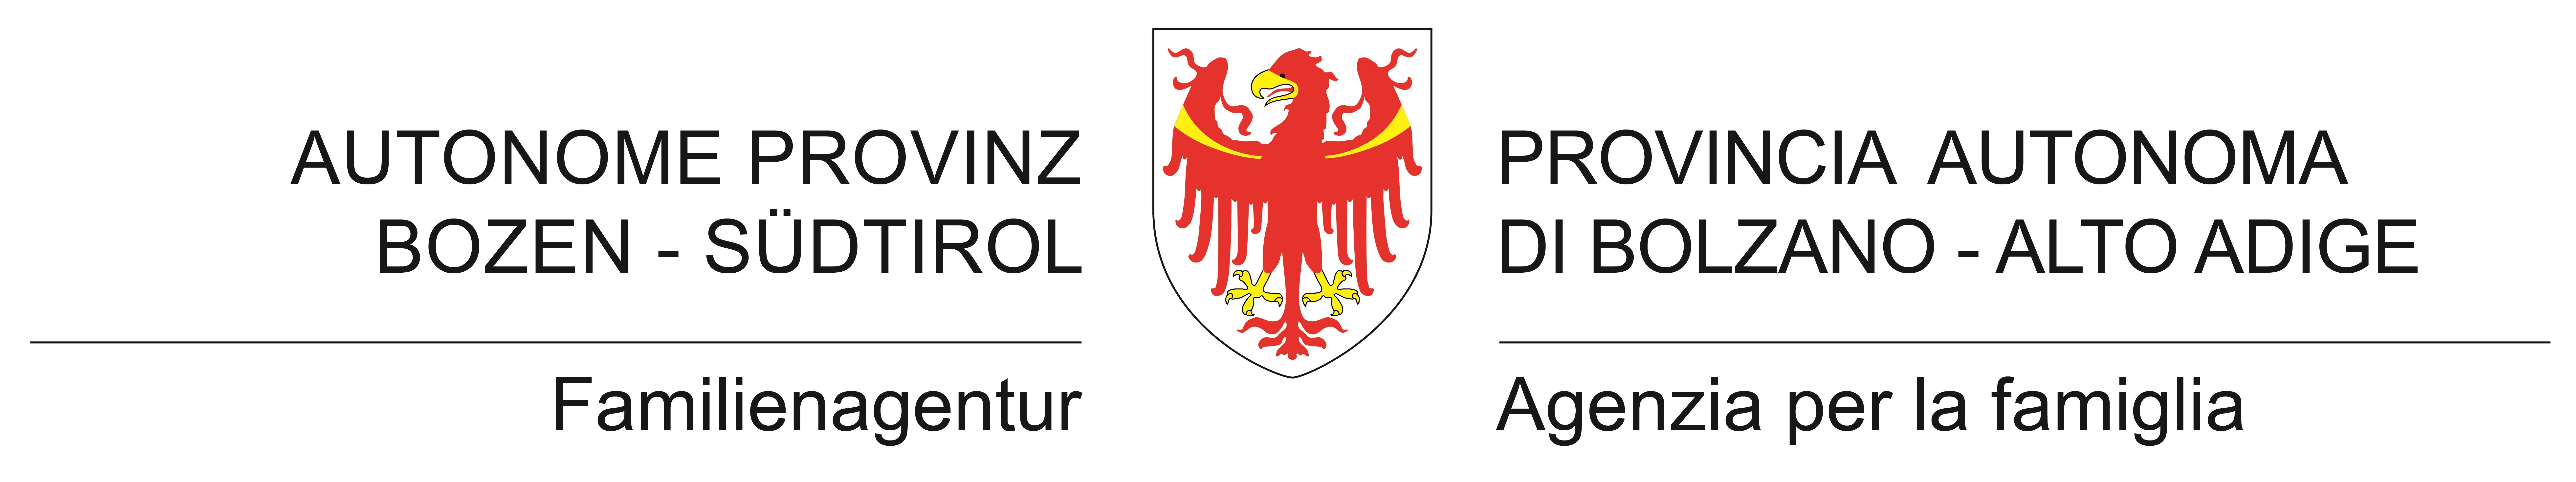 Familienagentur- Provinz Bozen